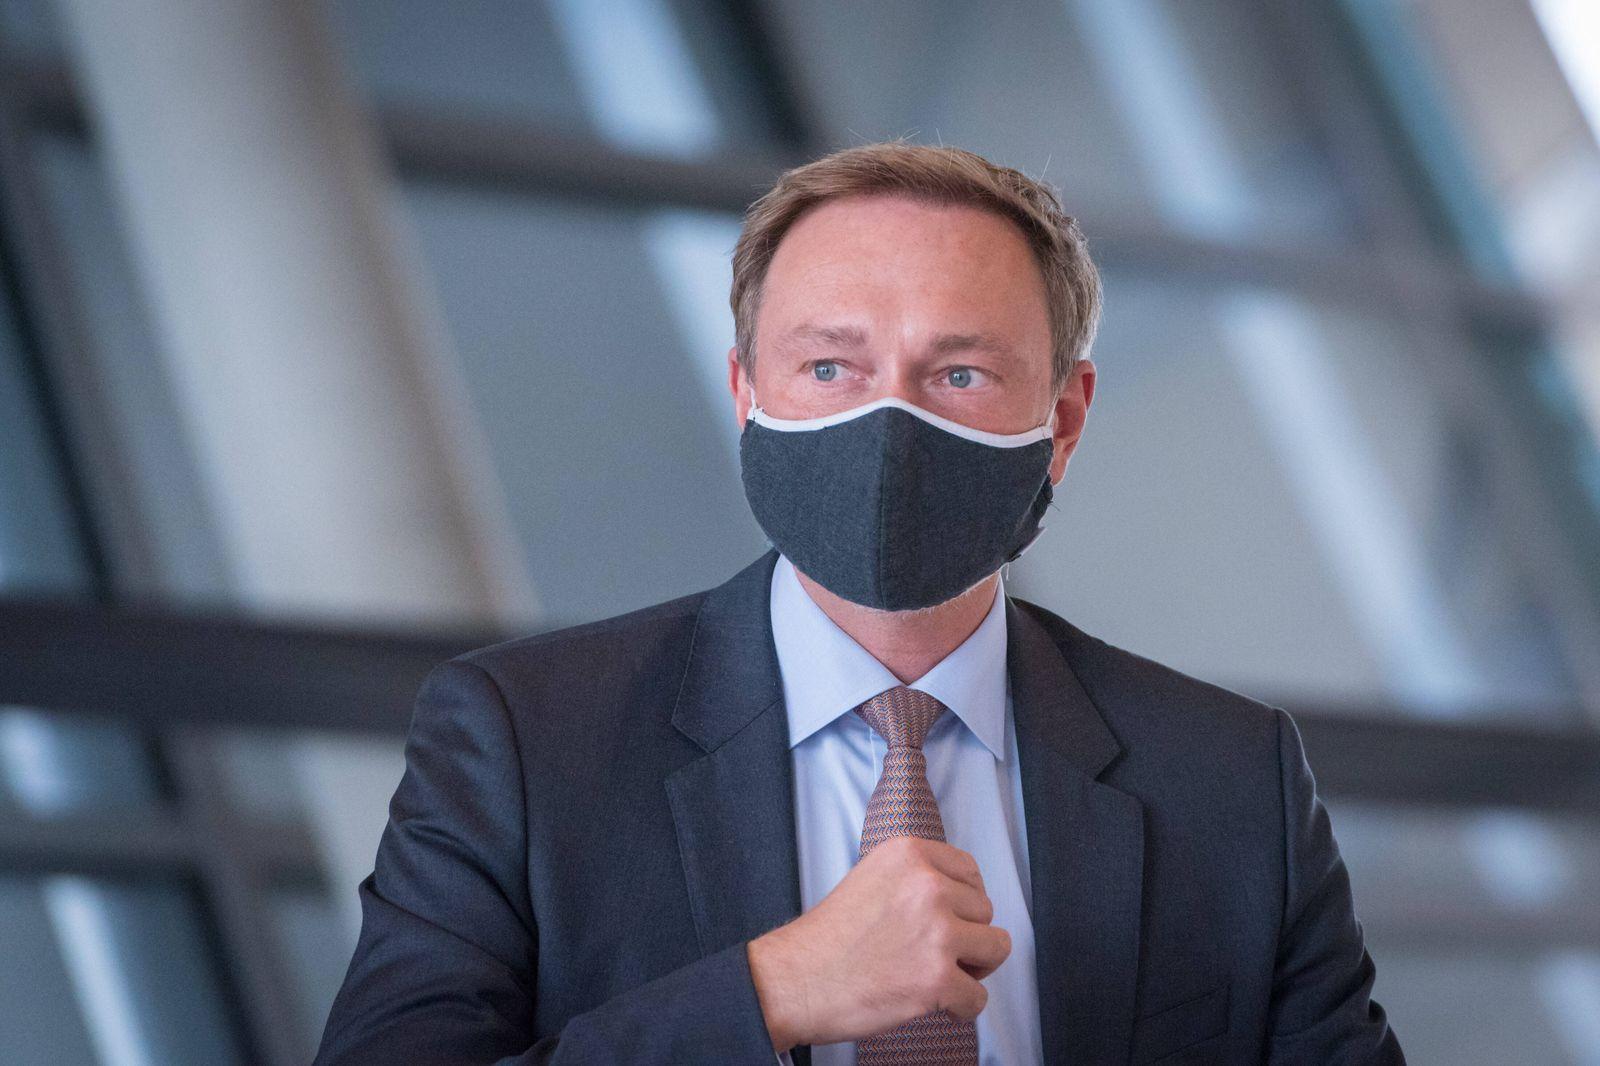 Berlin, Pressekonferenz der FDP Fraktion Deutschland, Berlin - 06.10.2020: Im Bild ist Christian Lindner (Bundesvorsitz